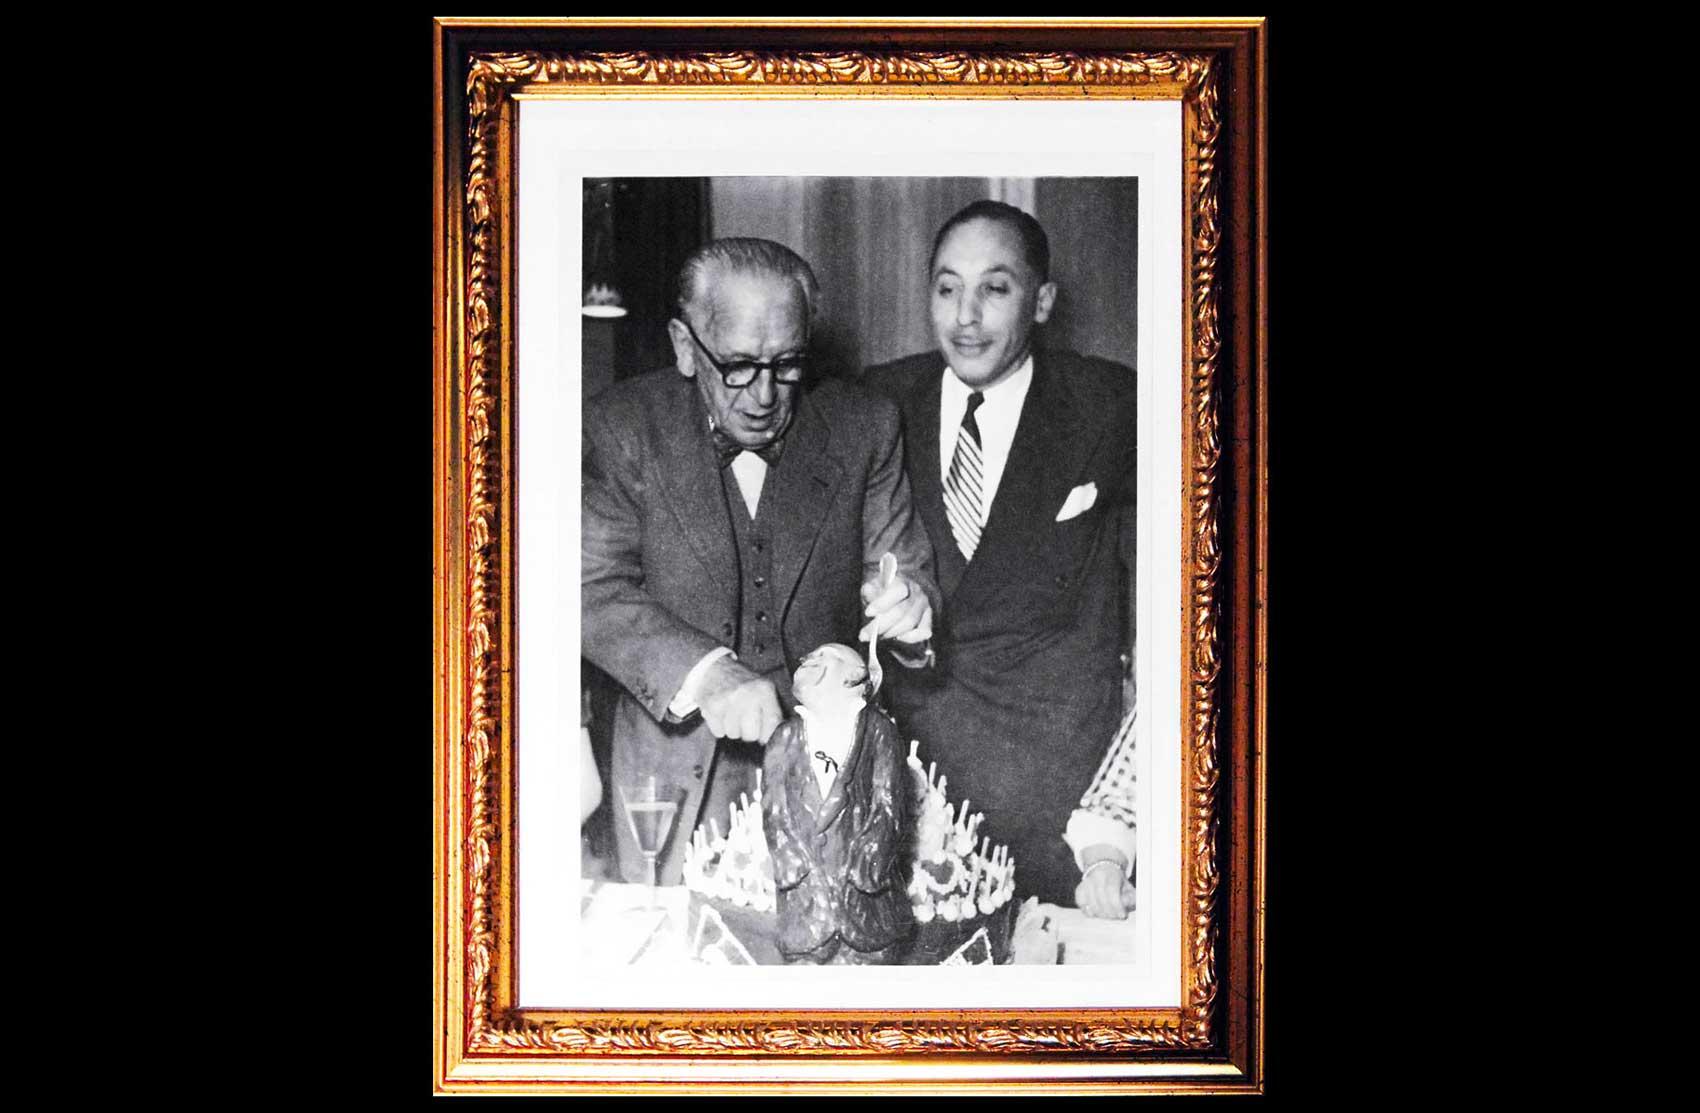 Foto del compleanno di Grock  con Jerome Medrano · Collezione privata Dr Alain Frère